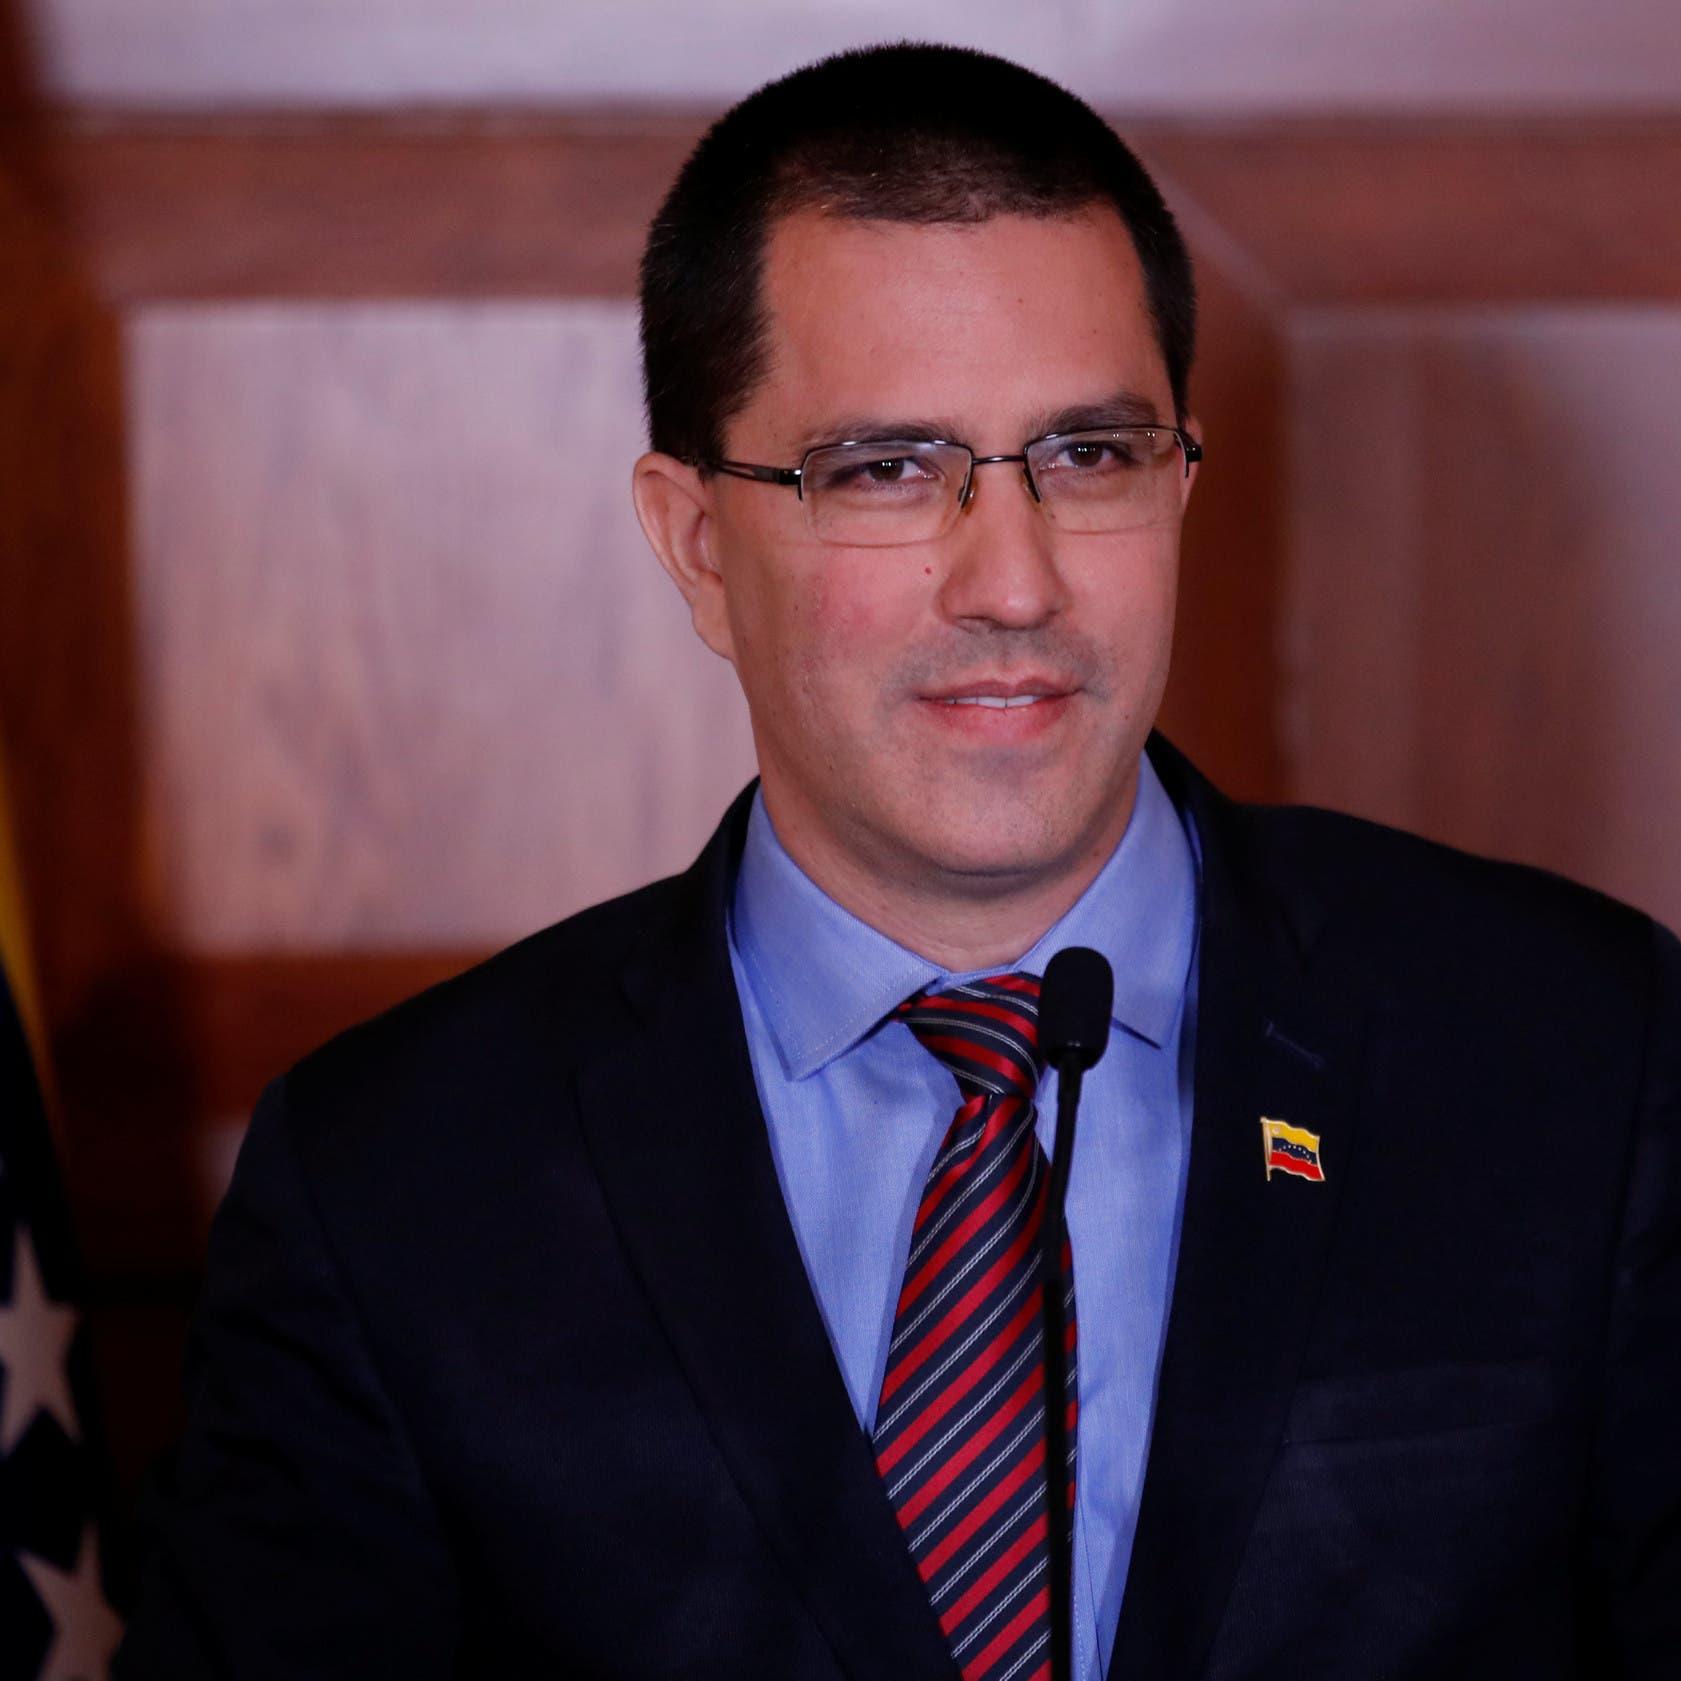 هل يورط وزير خارجية فنزويلا لبنان بأزمة بلاده؟